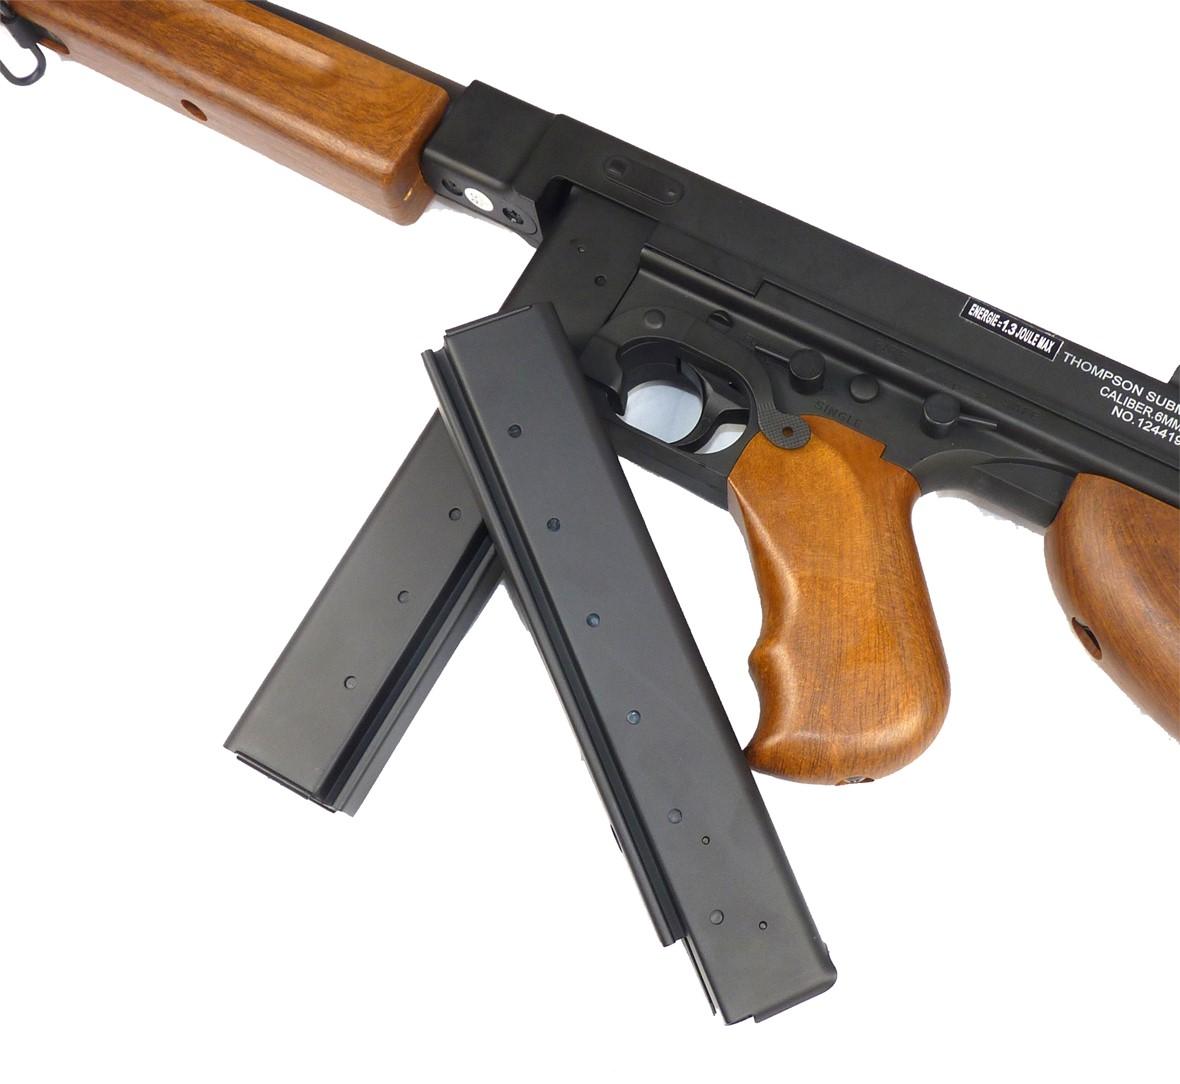 Cybergun Thompson M1A1 Military Airsoft Gun   Actionhobbies